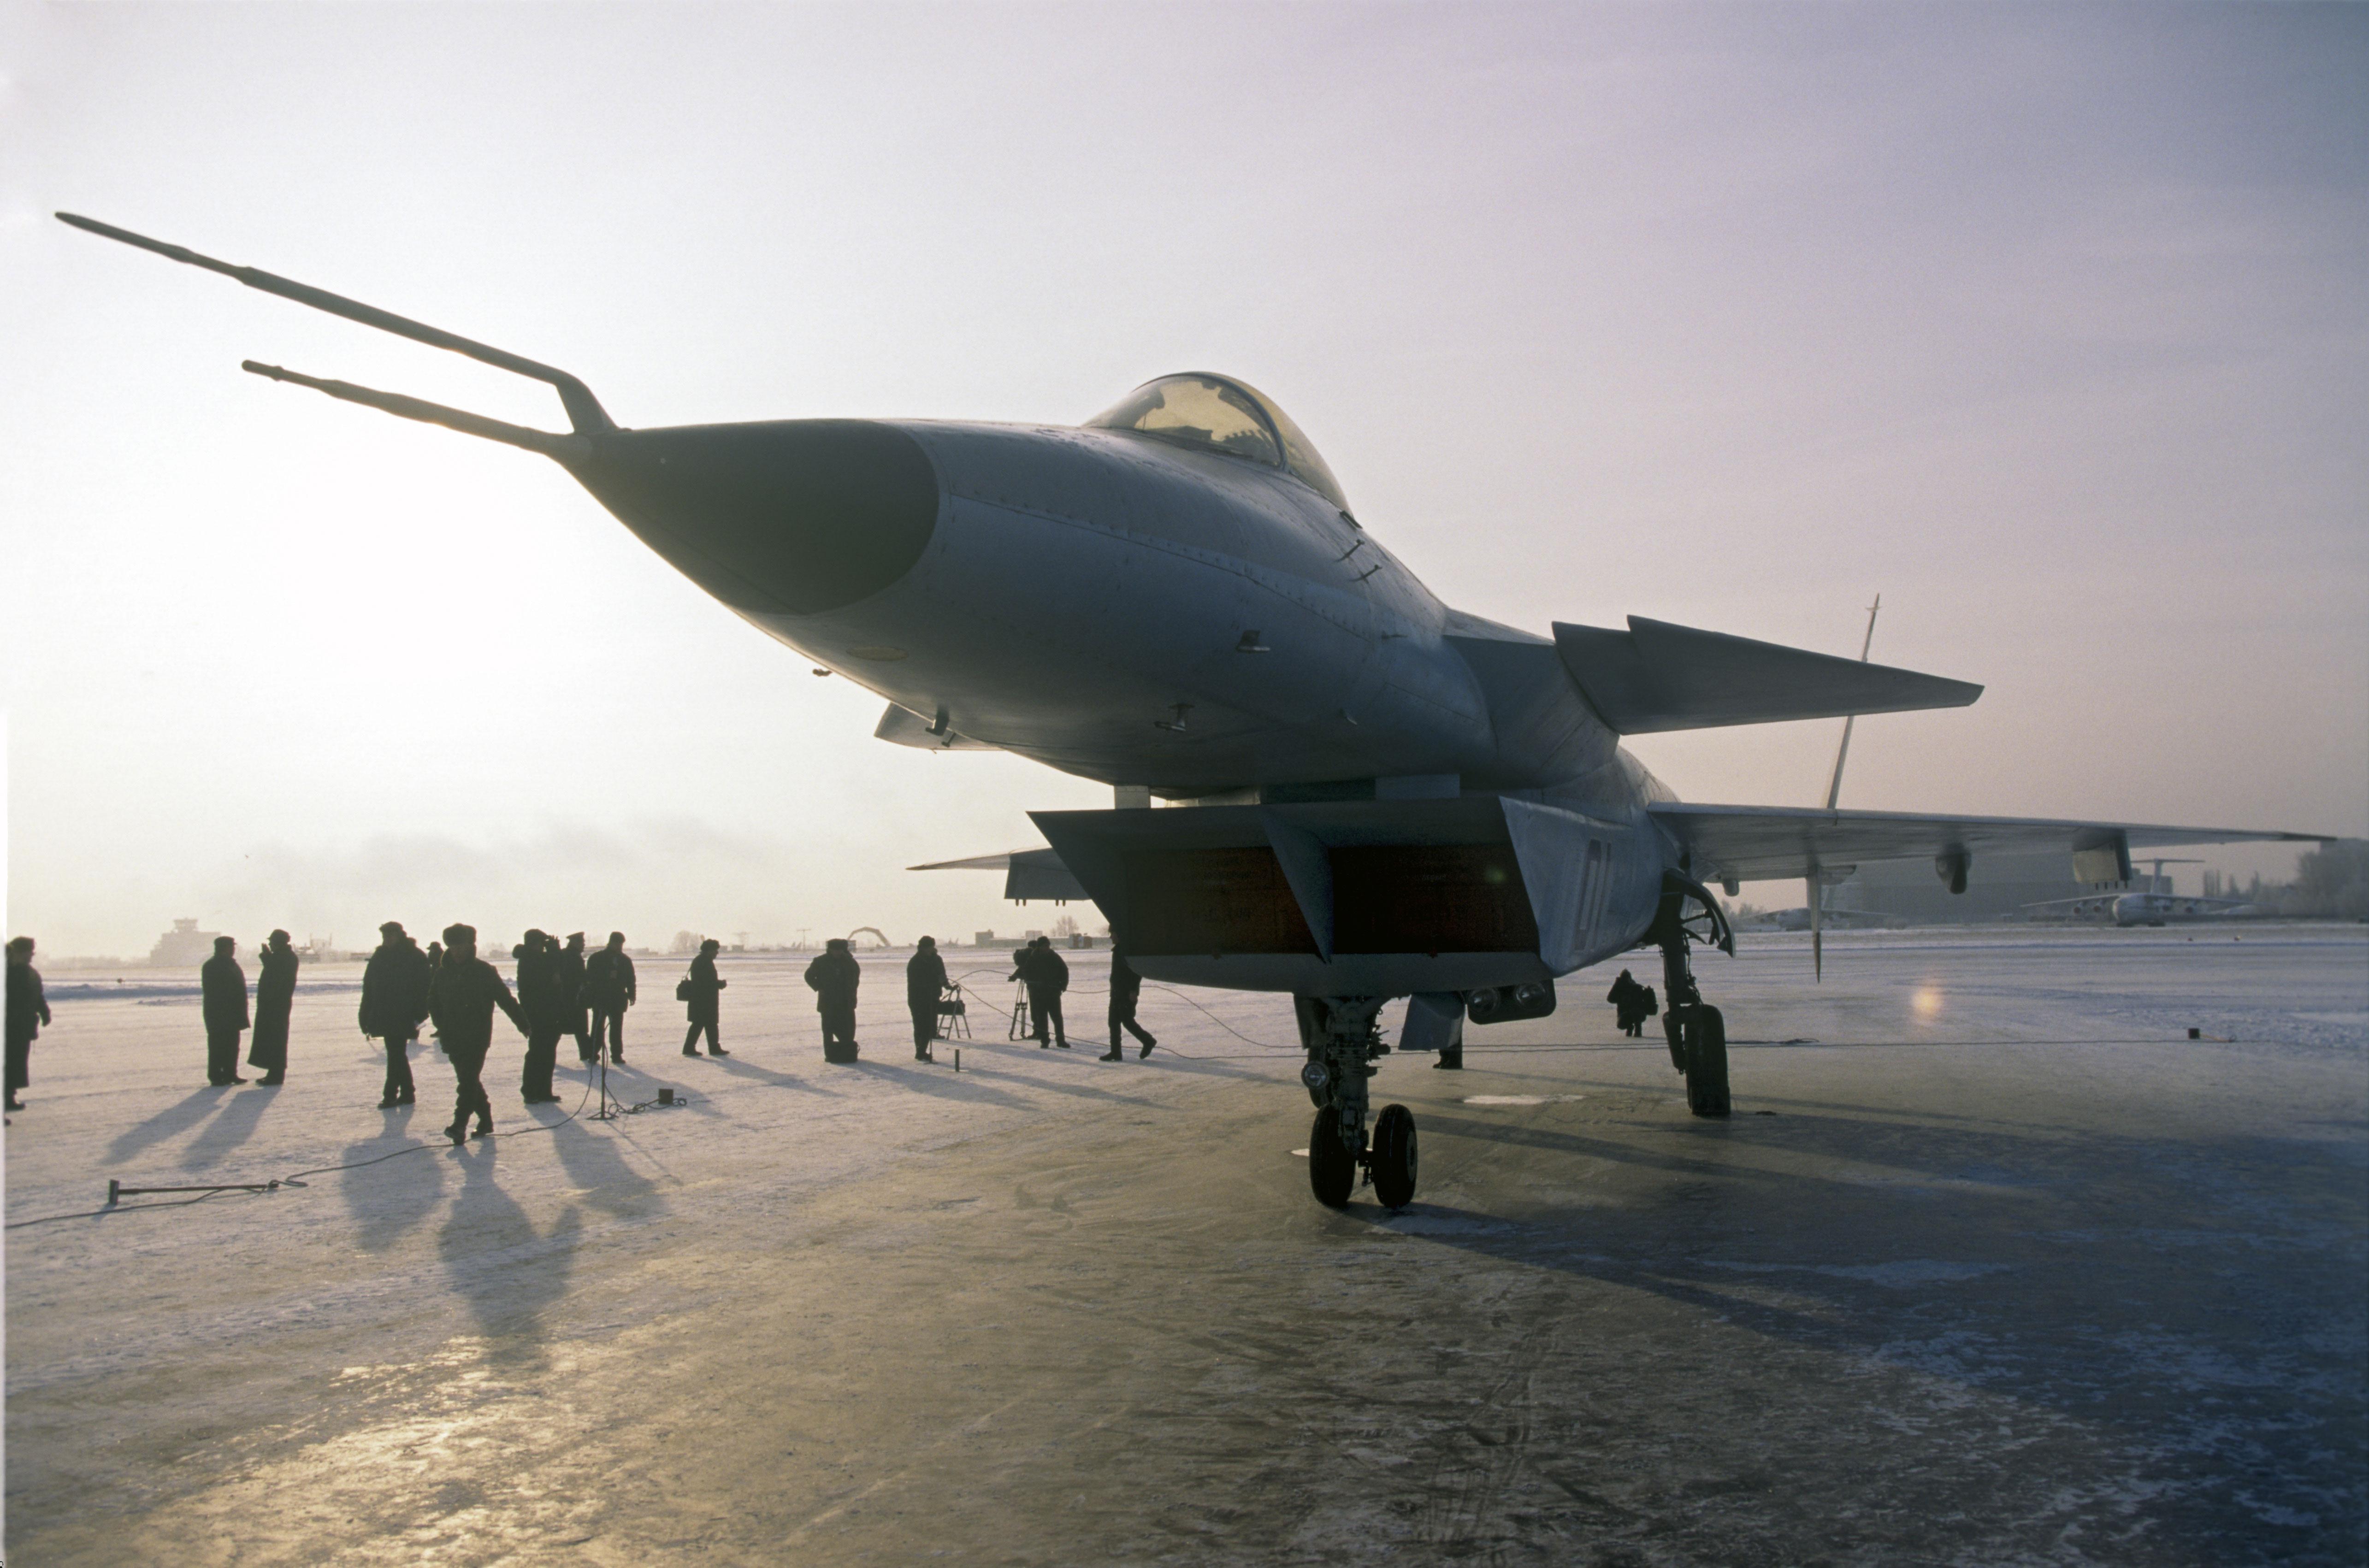 """Единственият екземпляр на МиГ 1.44, който дълго време се  намираше в ЛИИ """"М.М.Громов"""" в град Жуковски, беше законсервиран през 2013 година."""